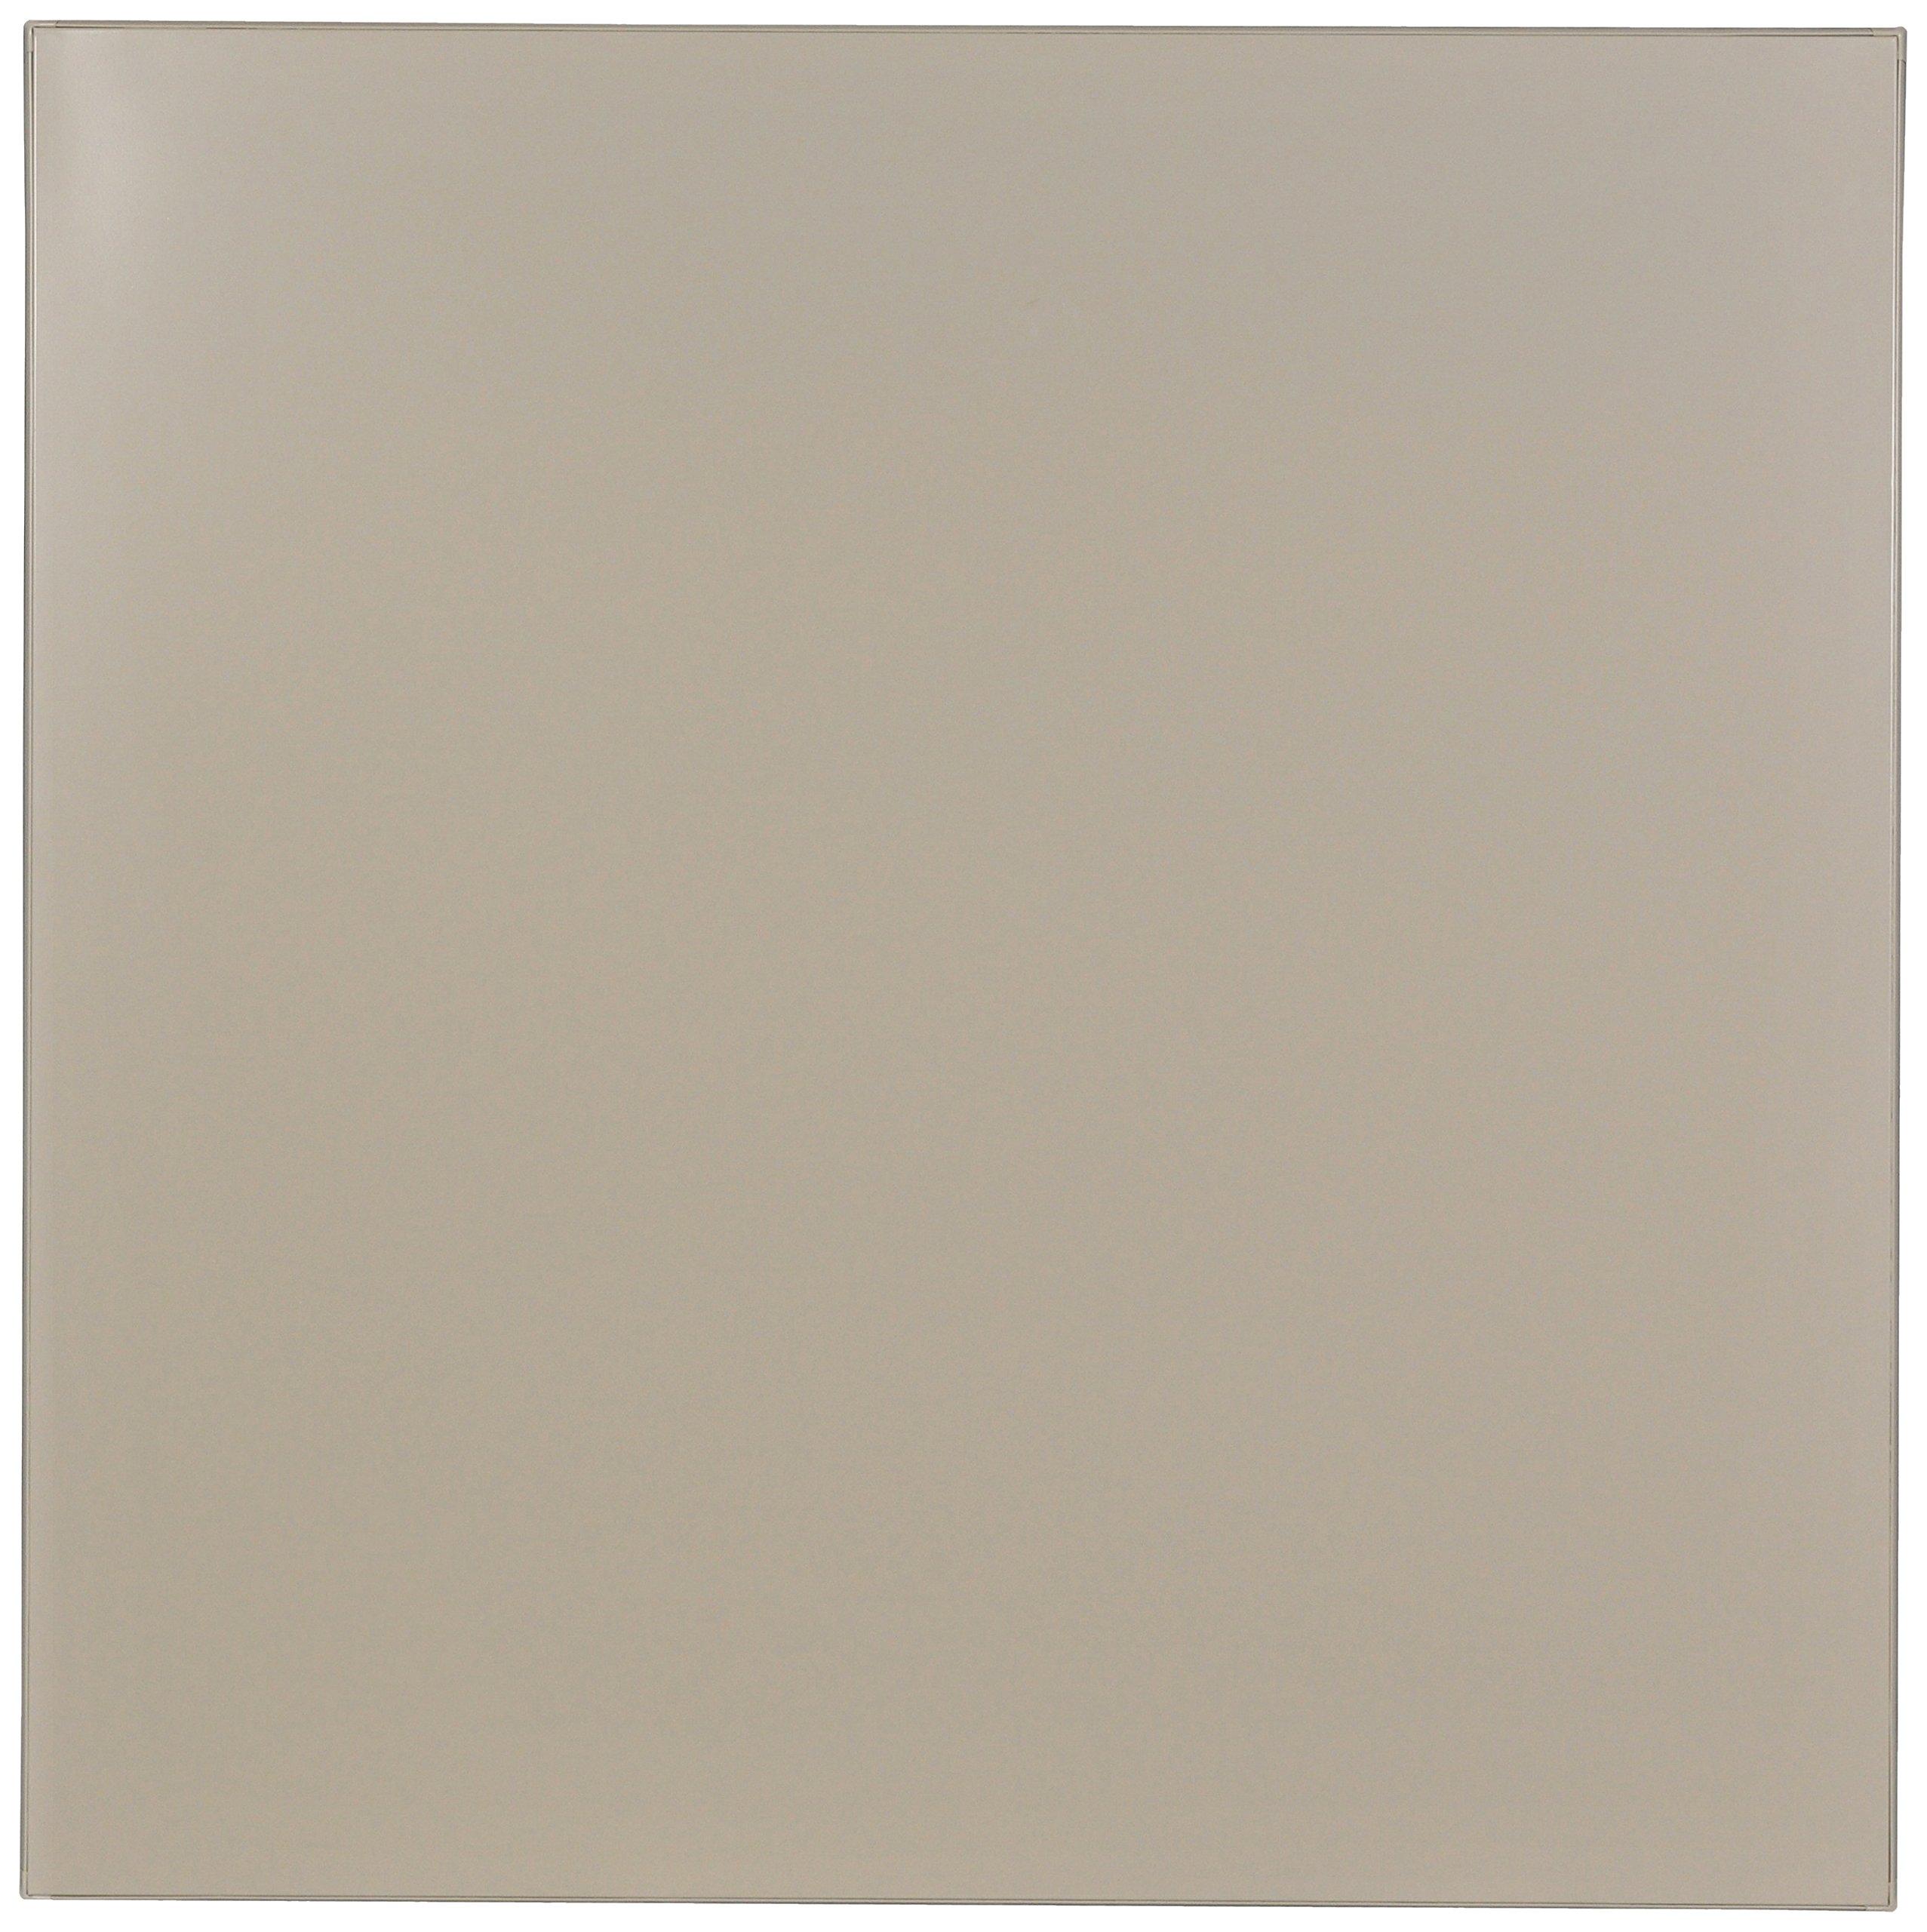 Sanymetal 1160SA Panel, 57 3/4'', Sany Almond